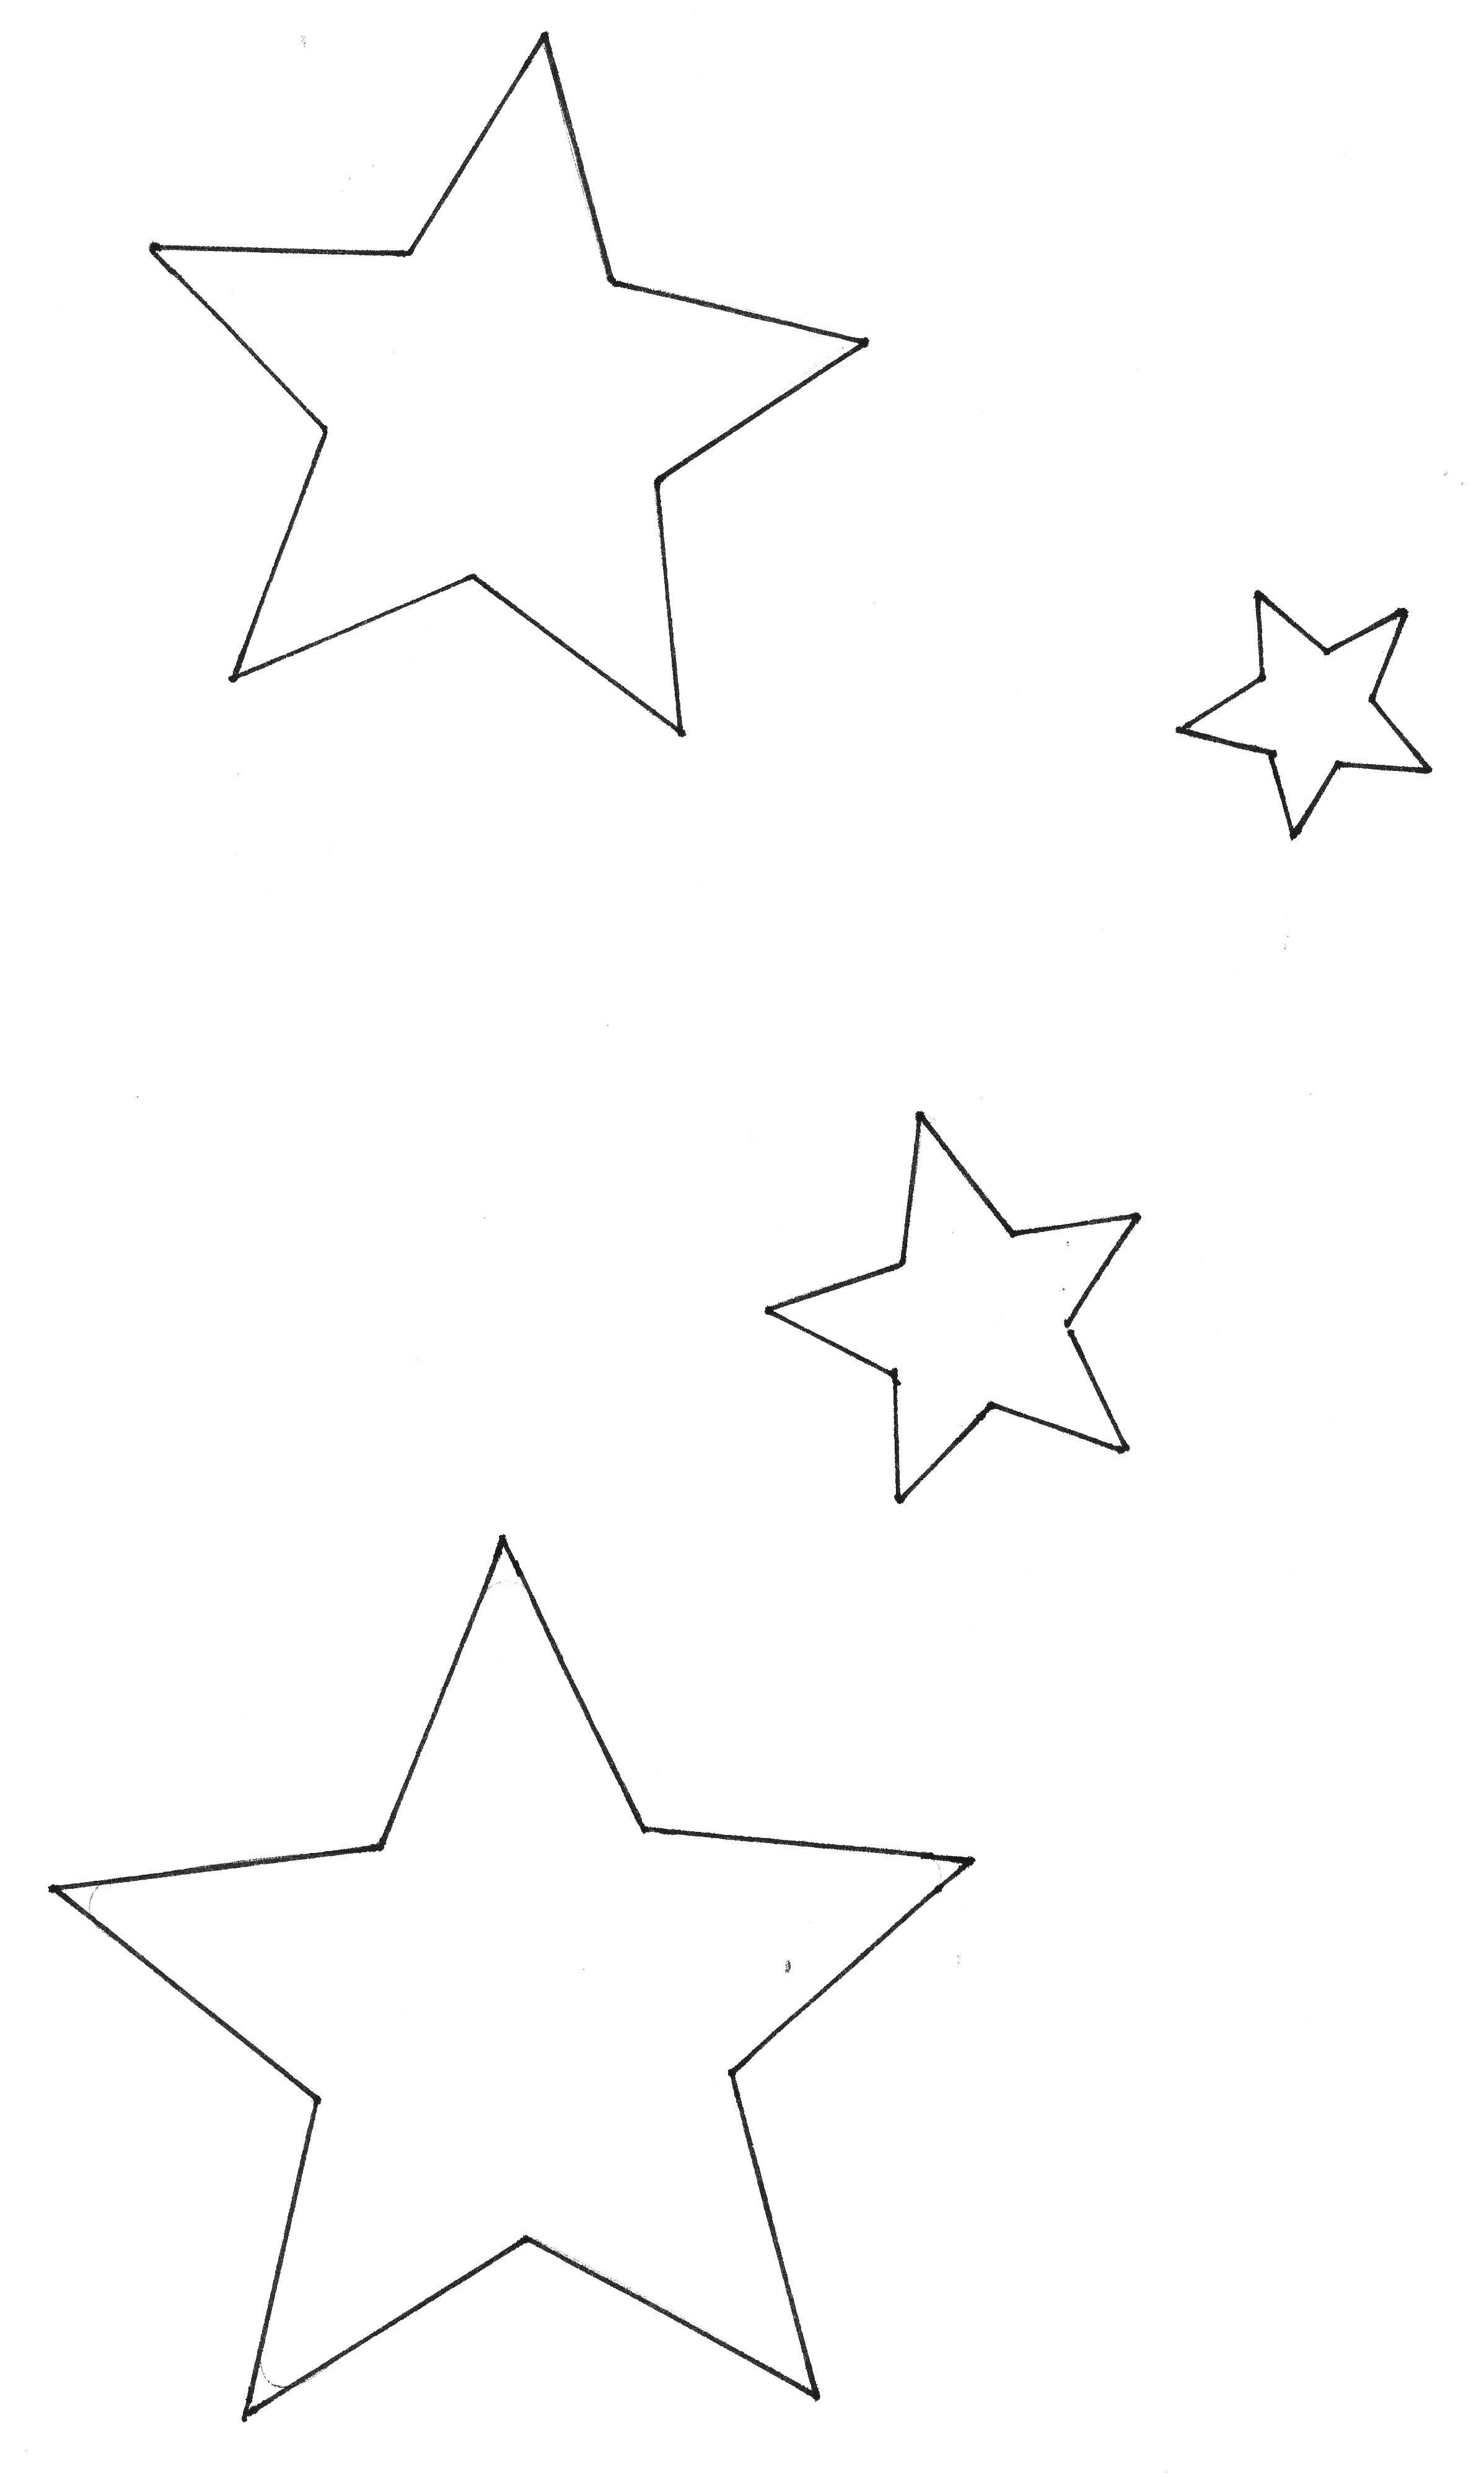 Sternschnuppe Vorlage Zum Ausdrucken Neu Vorlage Stern Zum Ausdrucken Neu Ausmalbilder Sternschnuppe Sammlung